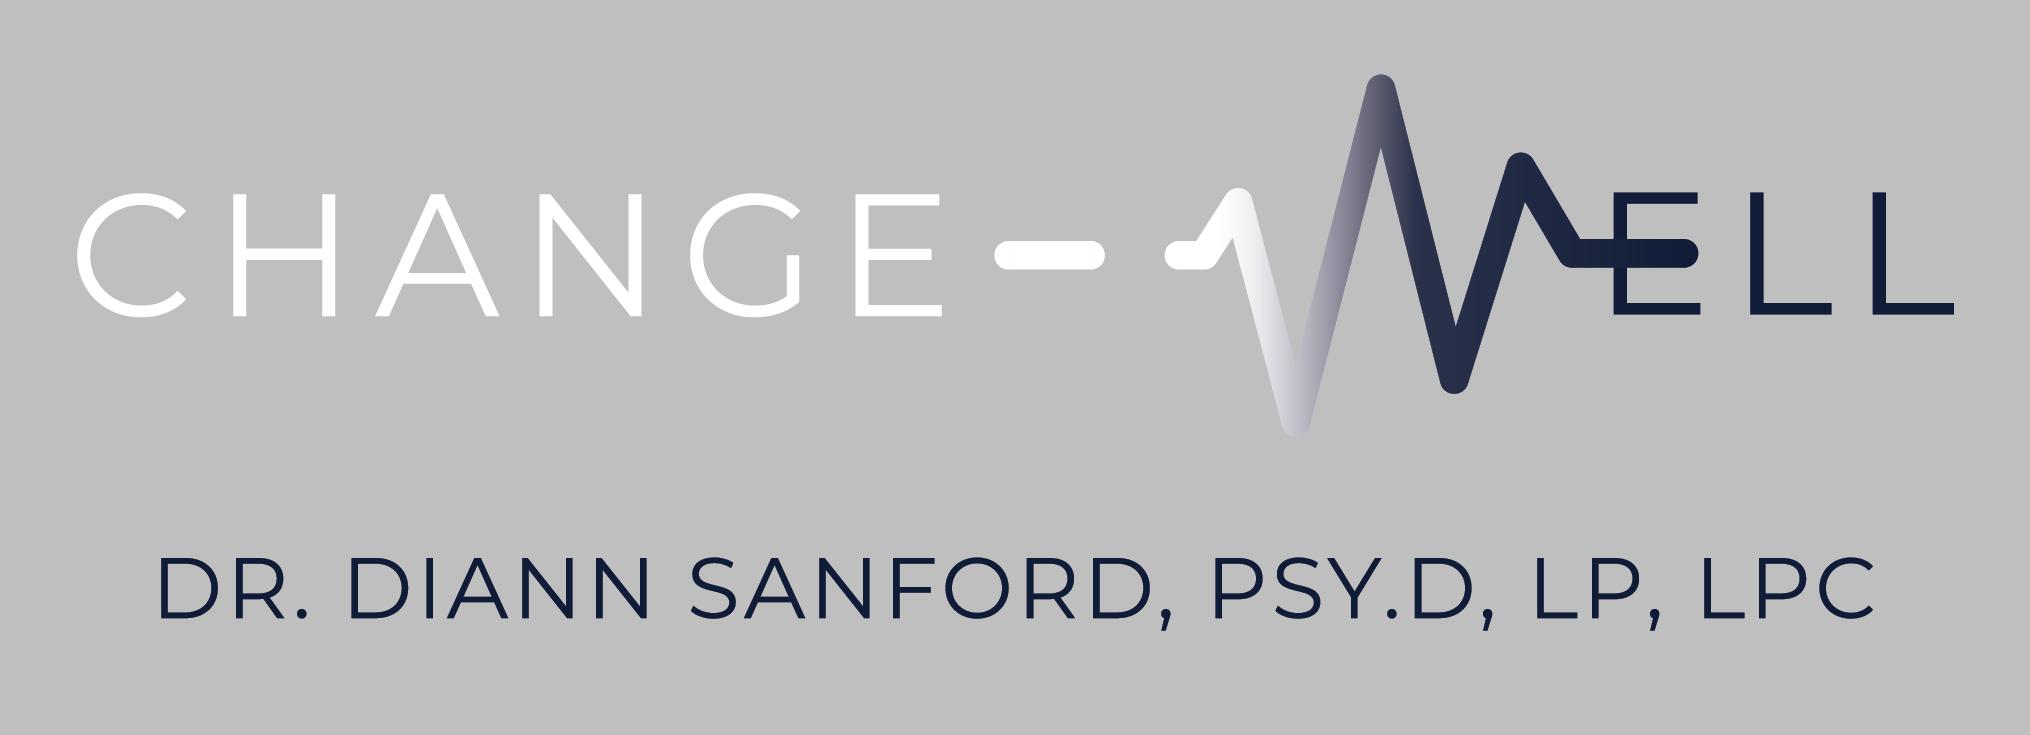 Dr. Diann Sanford, Psy.D, LP, LPC